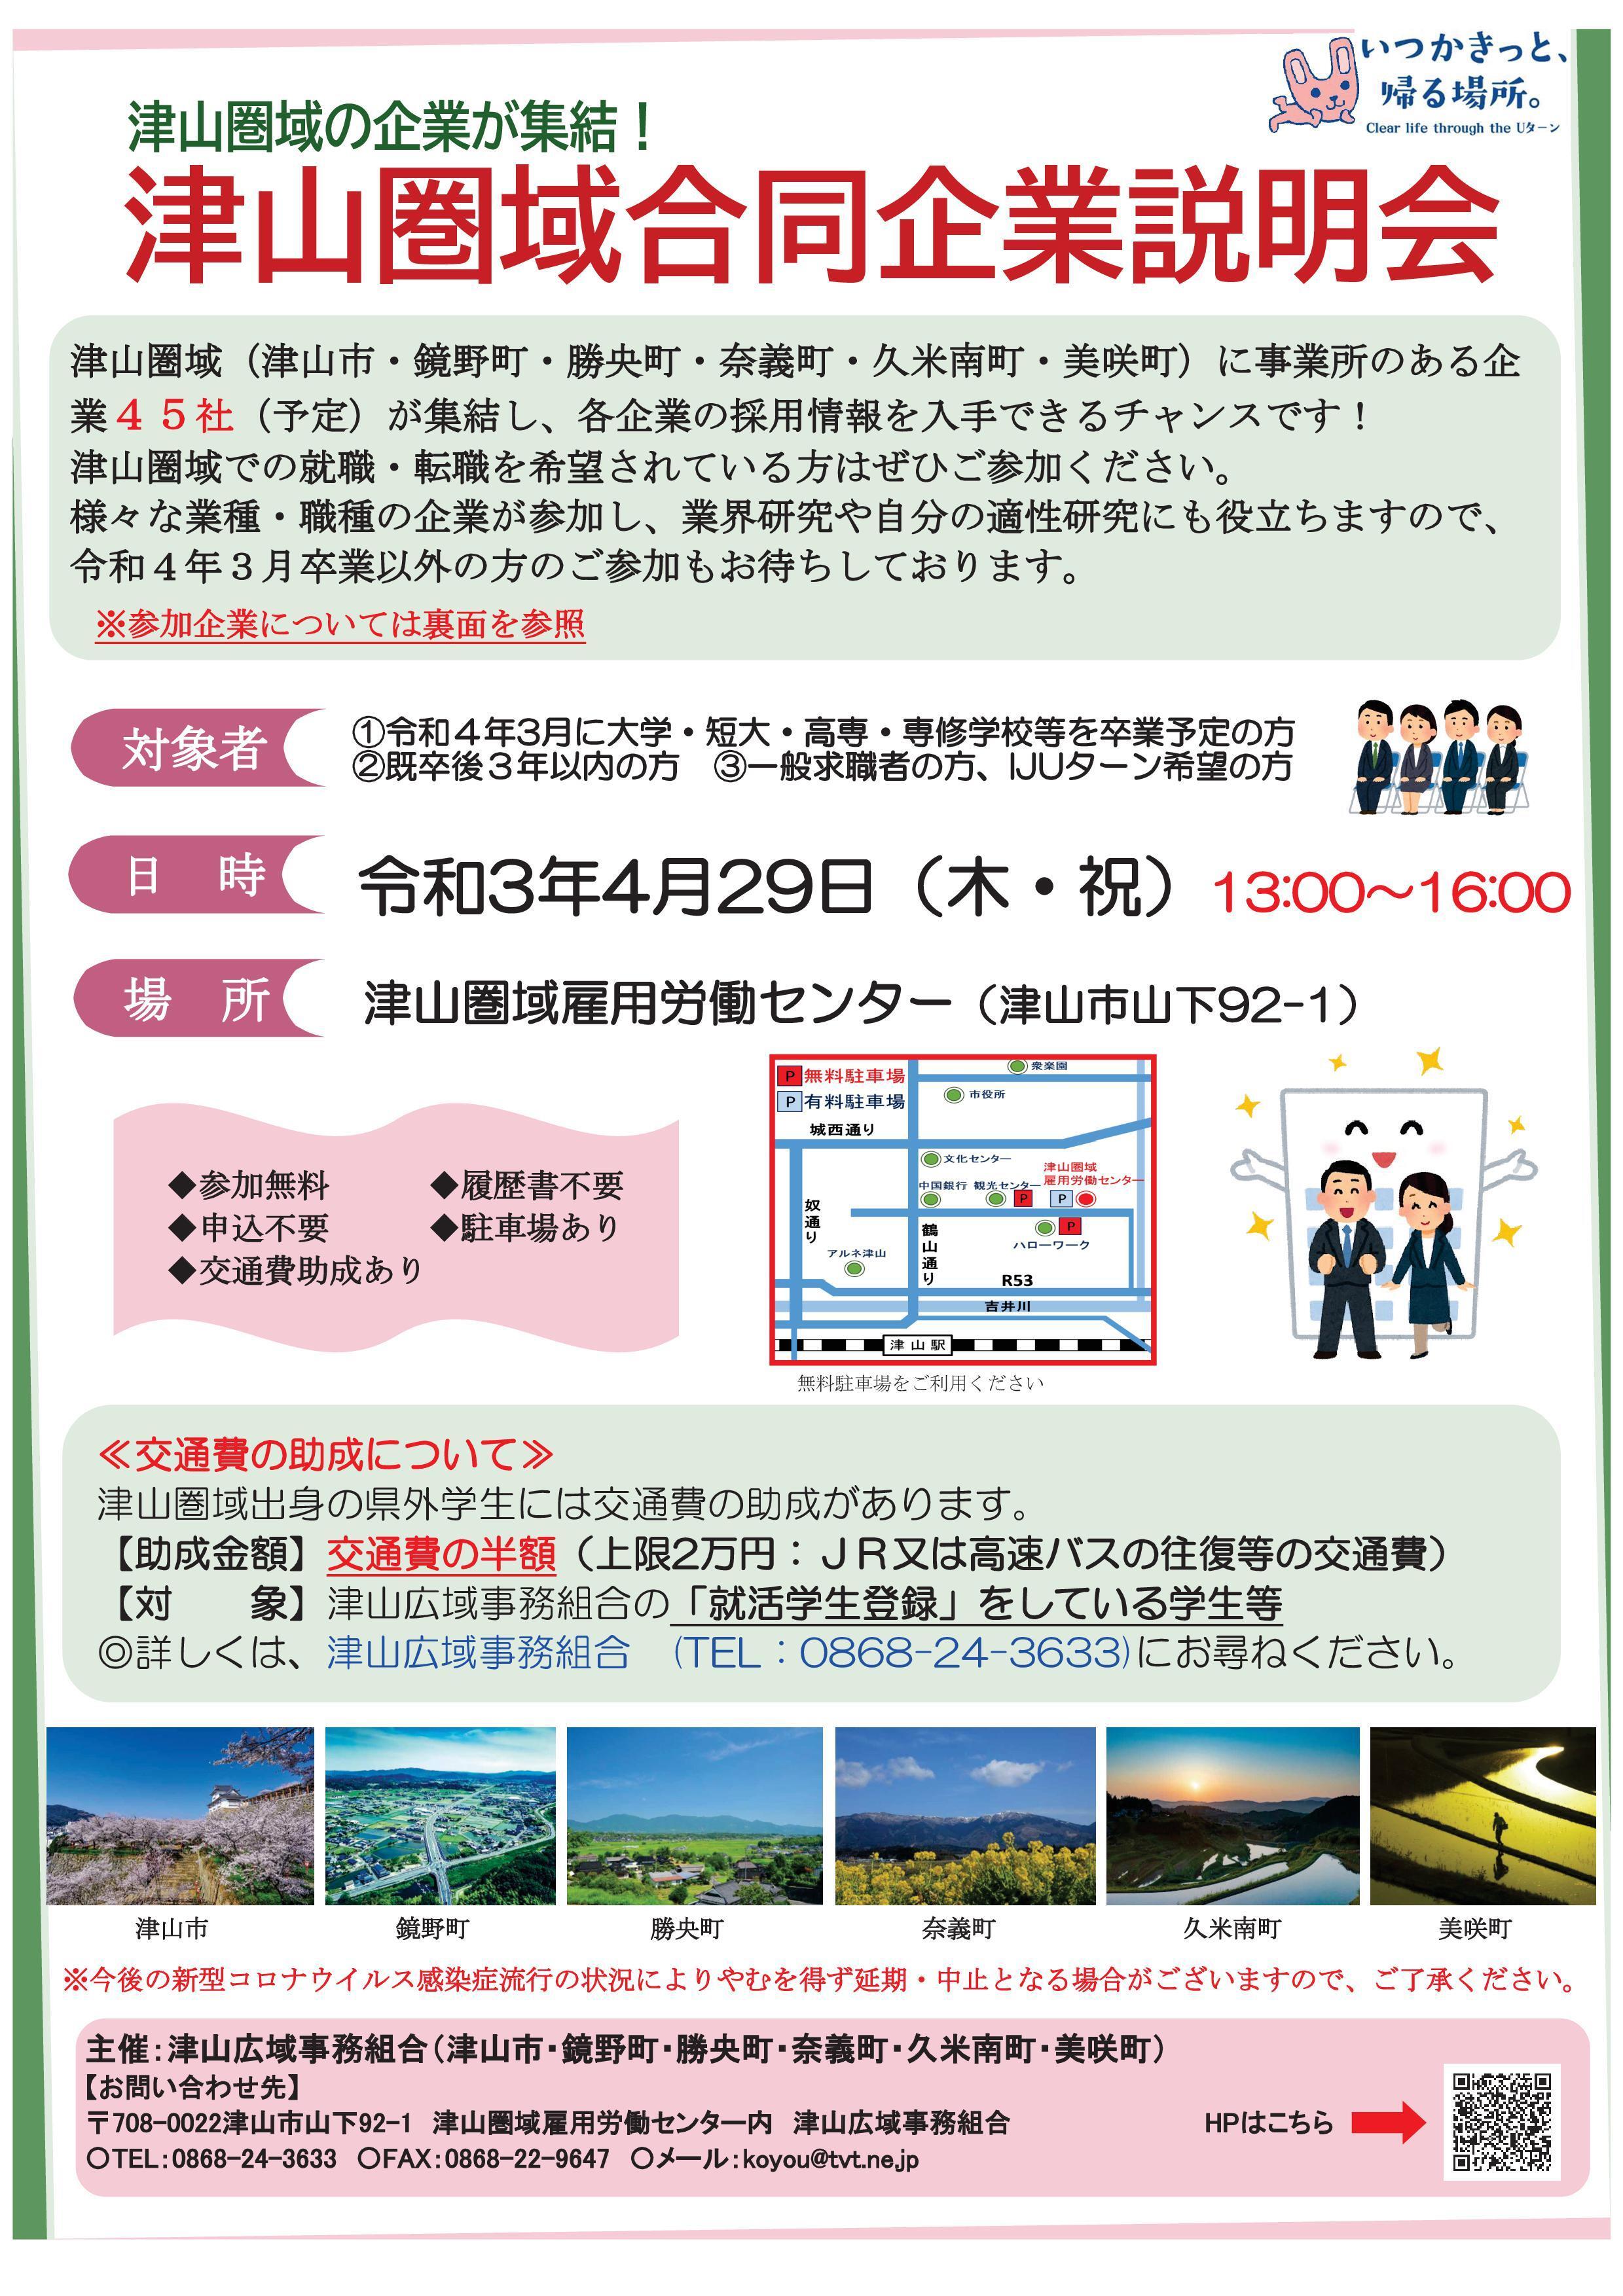 2021年4月29日(木・祝)開催 「津山圏域合同企業説明会」参加者募集のお知らせ